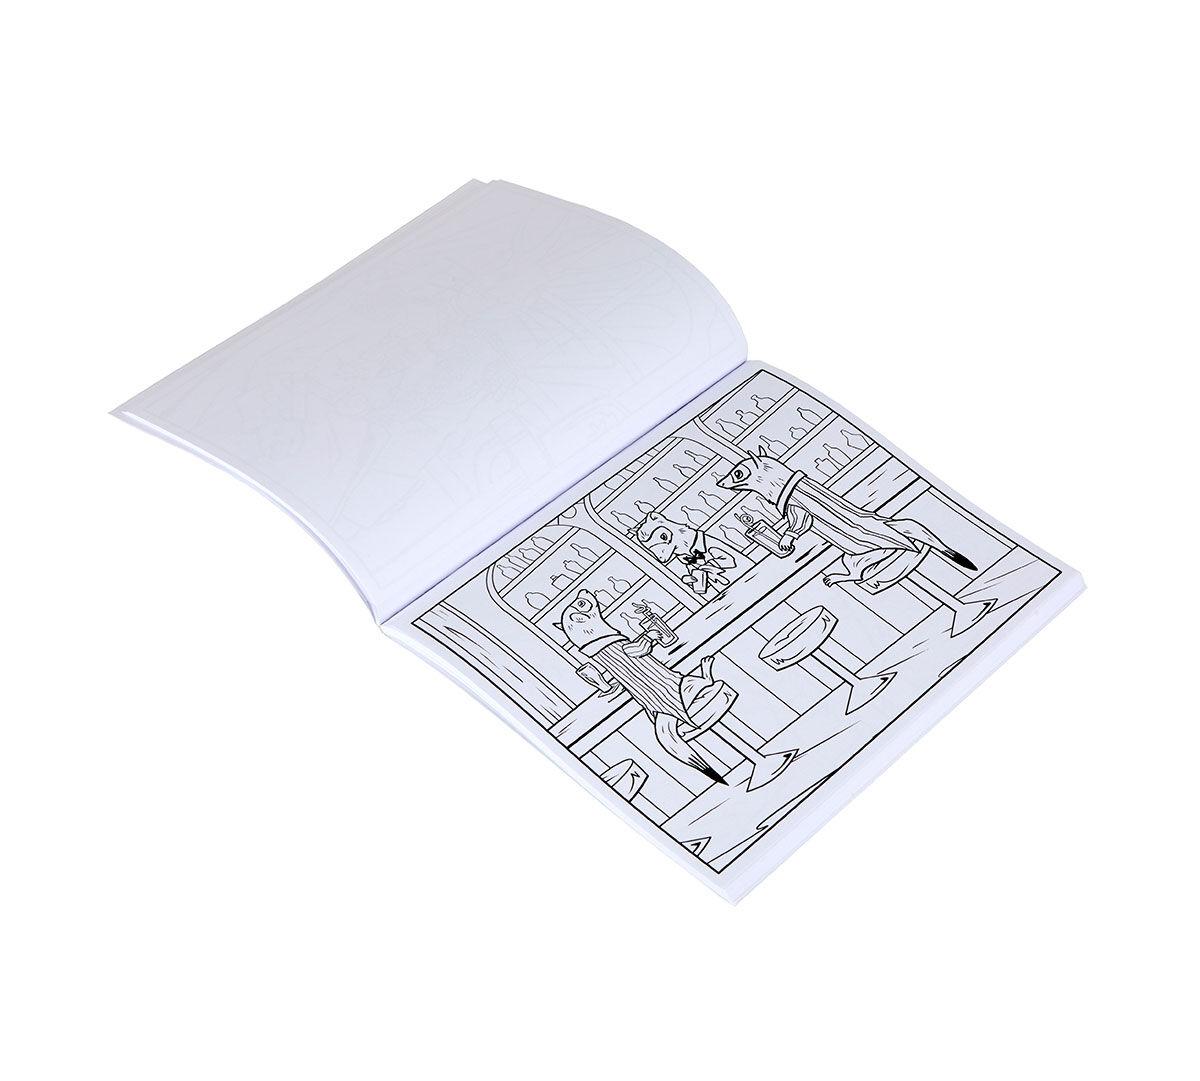 Pet Coloring Pages, Animal Coloring BookCrayola.com Crayola